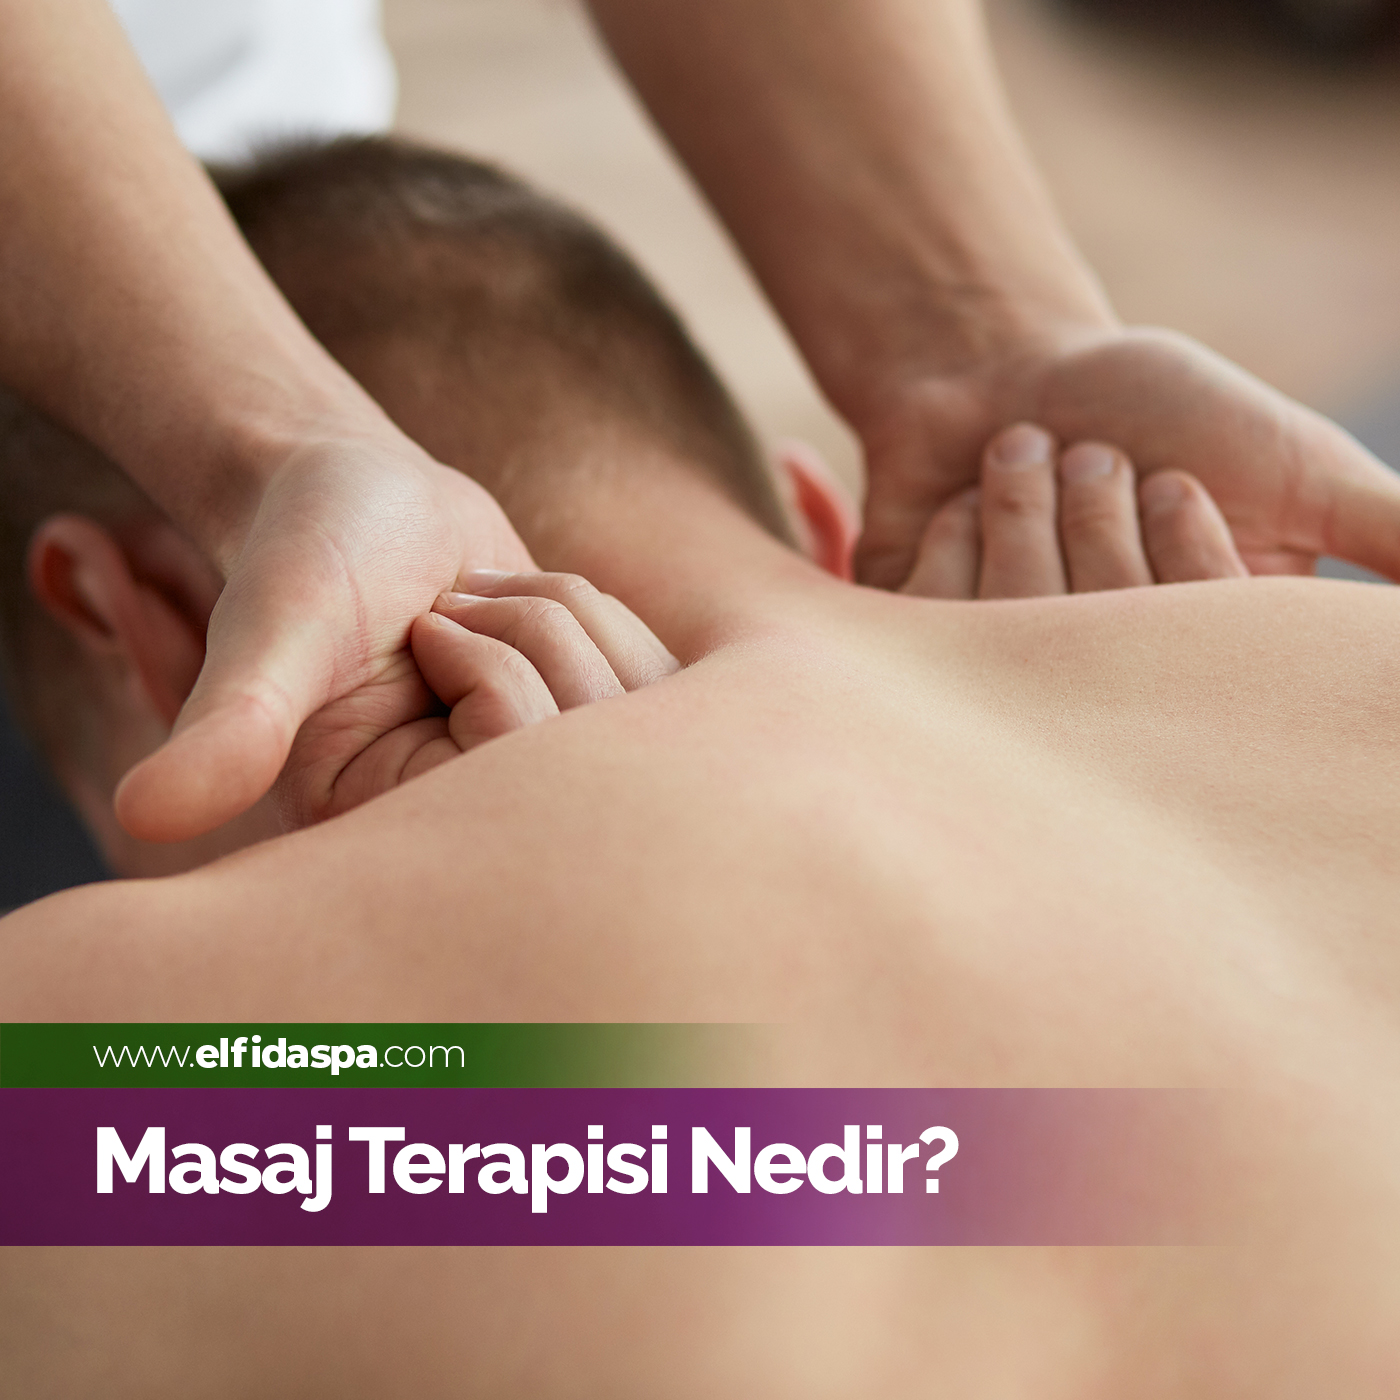 Masaj Terapisi Nedir?